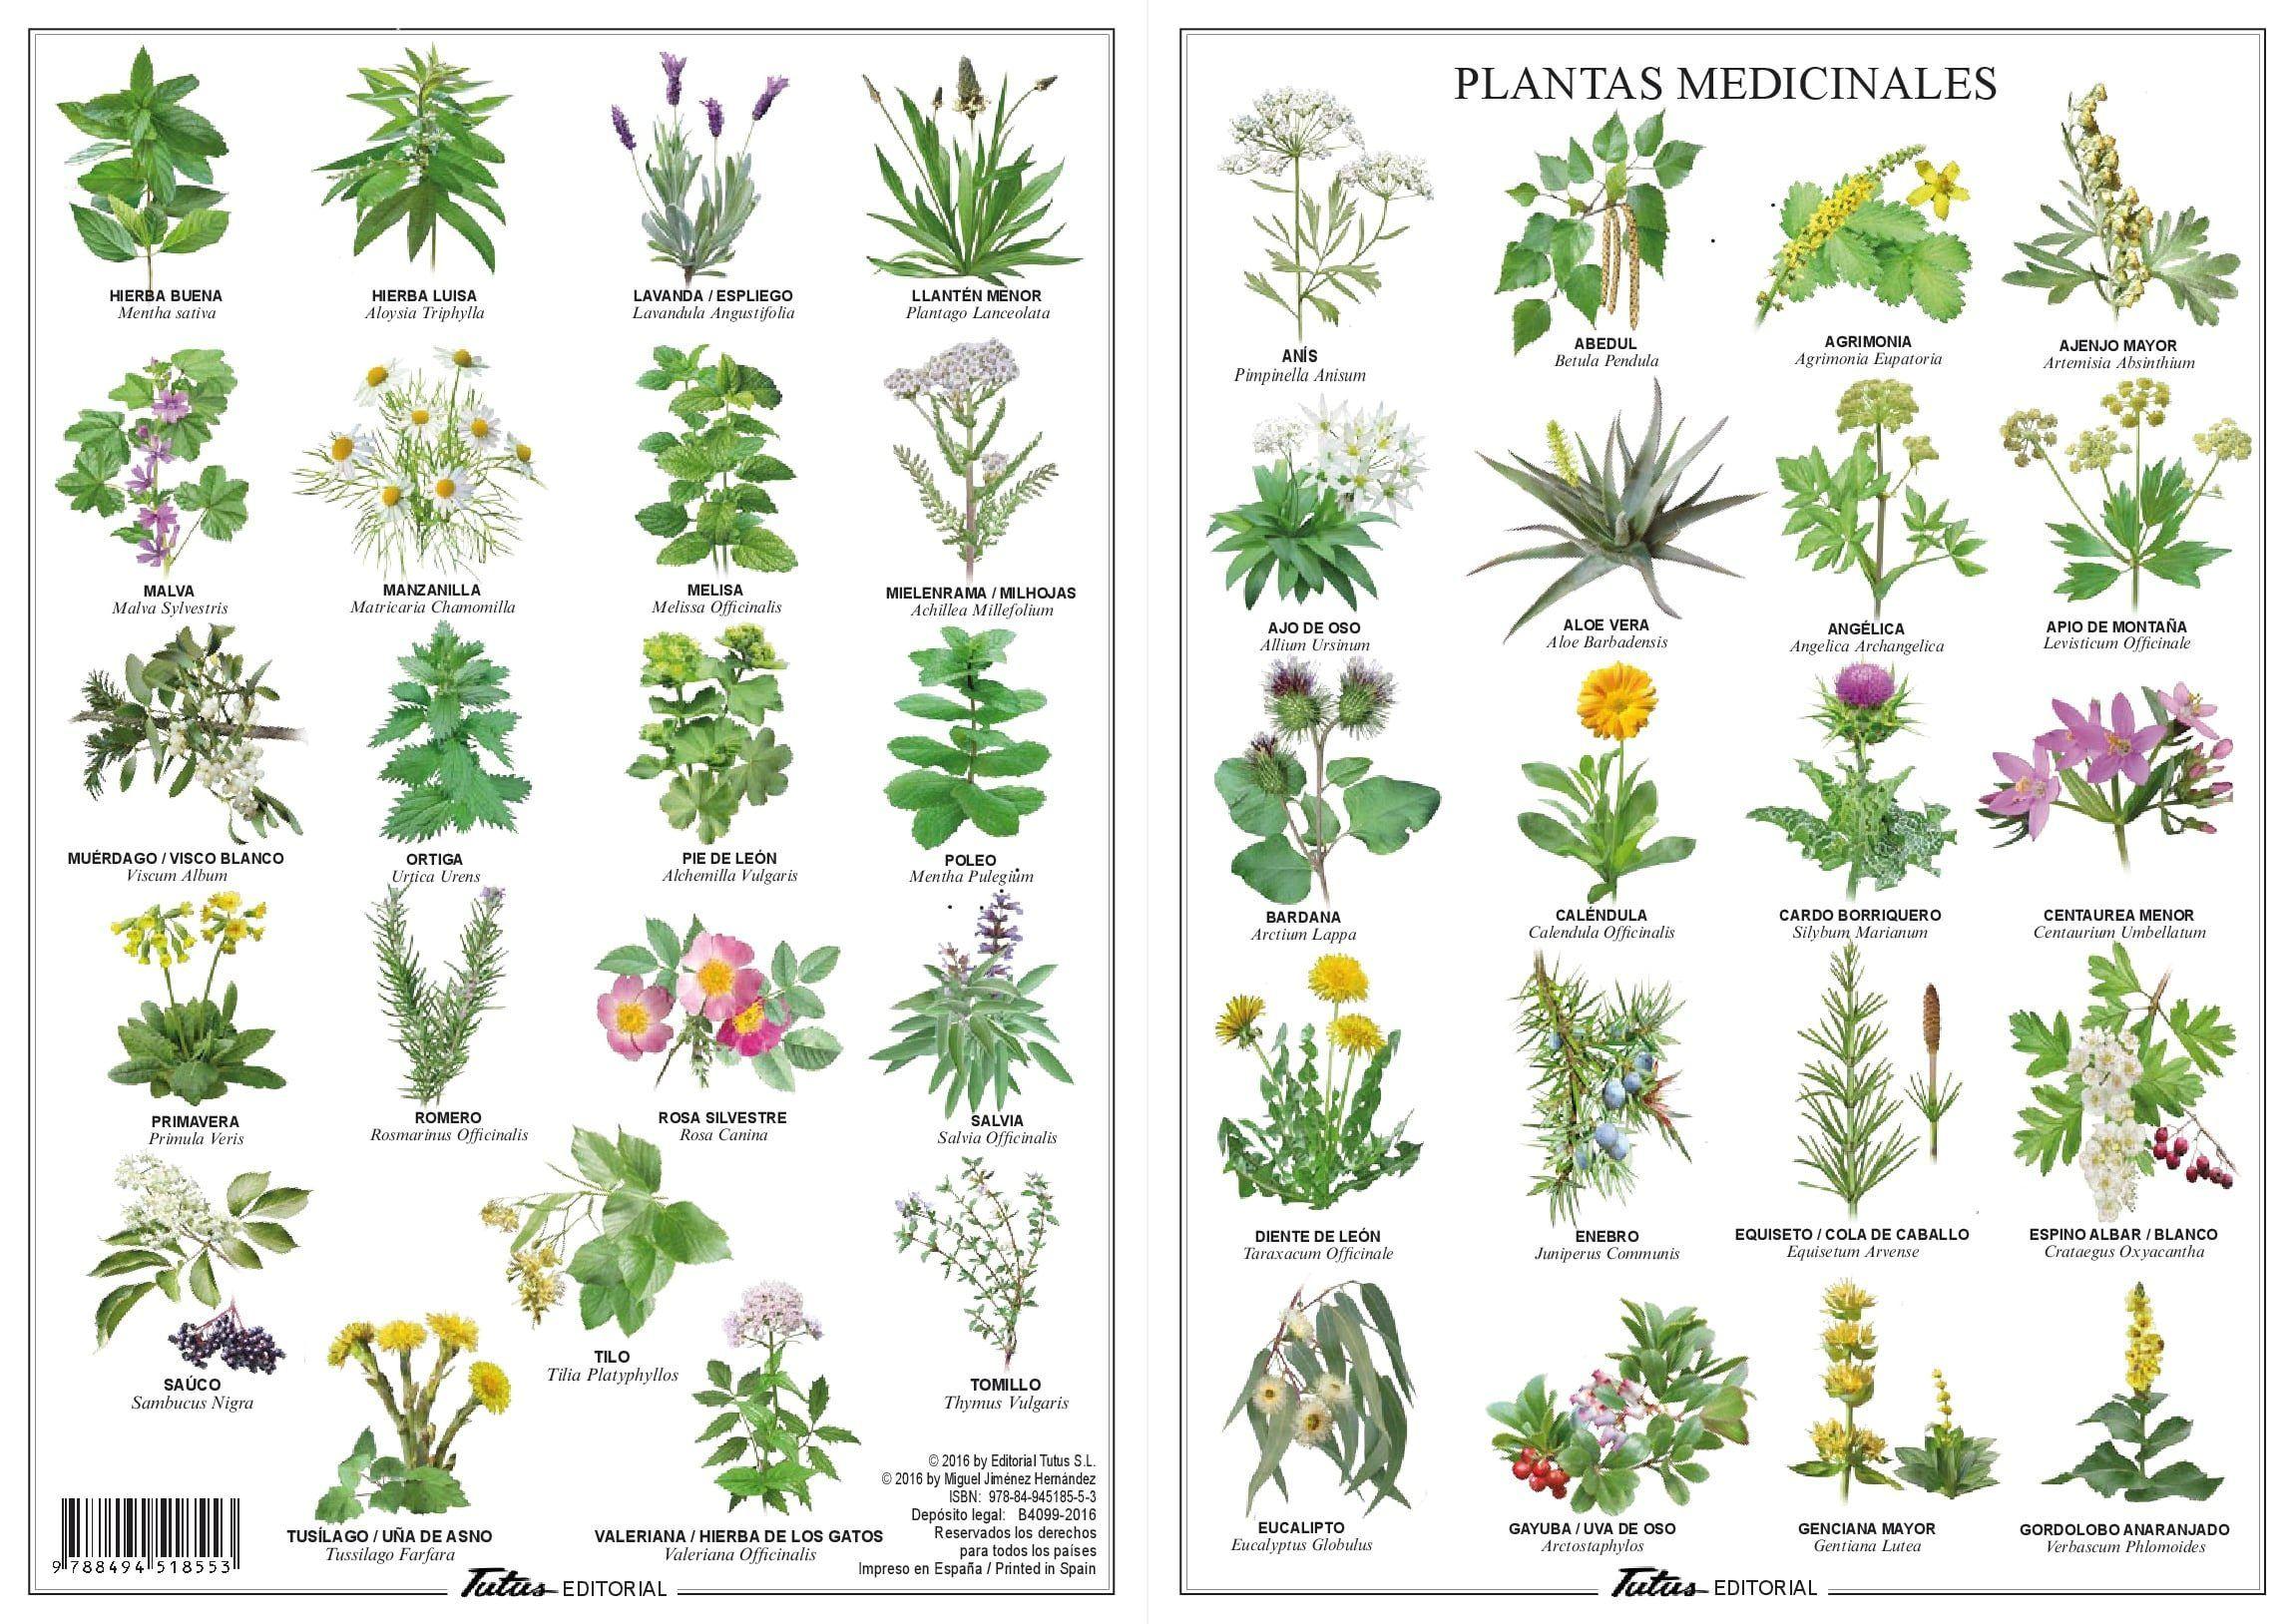 historia de las hierbas mágicas y medicinales pdf